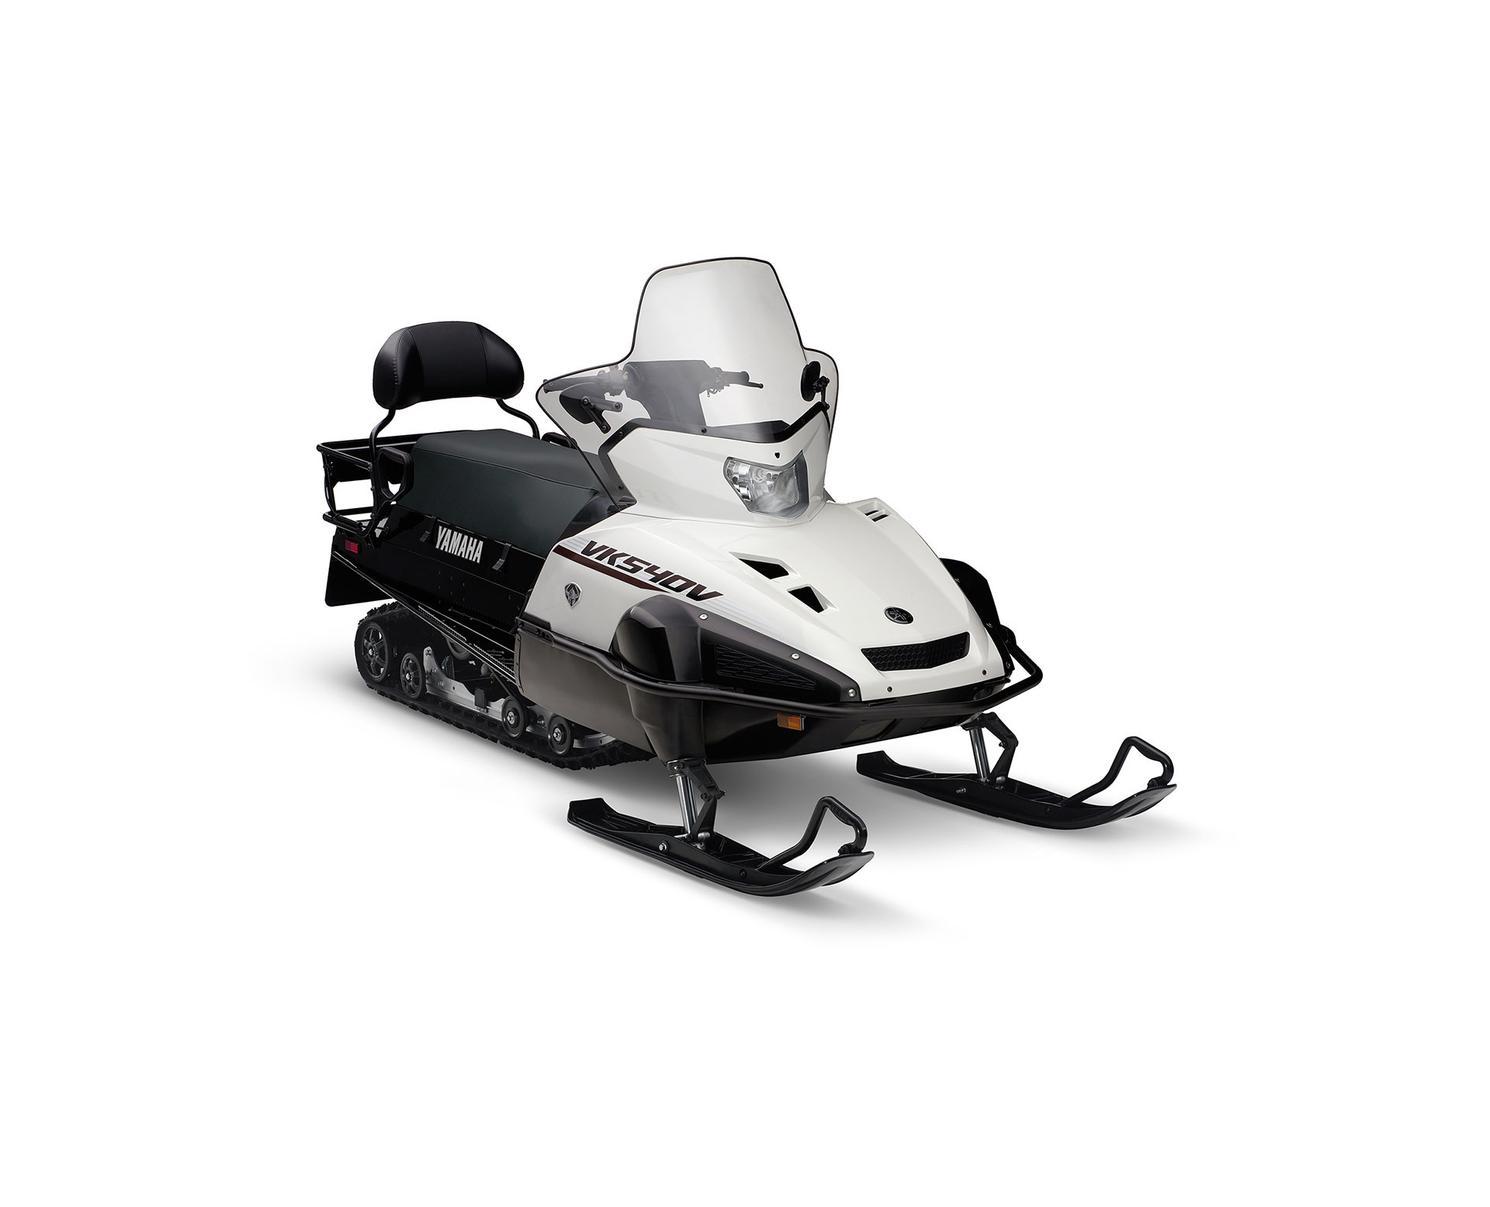 200084 Yamaha VK540 2020